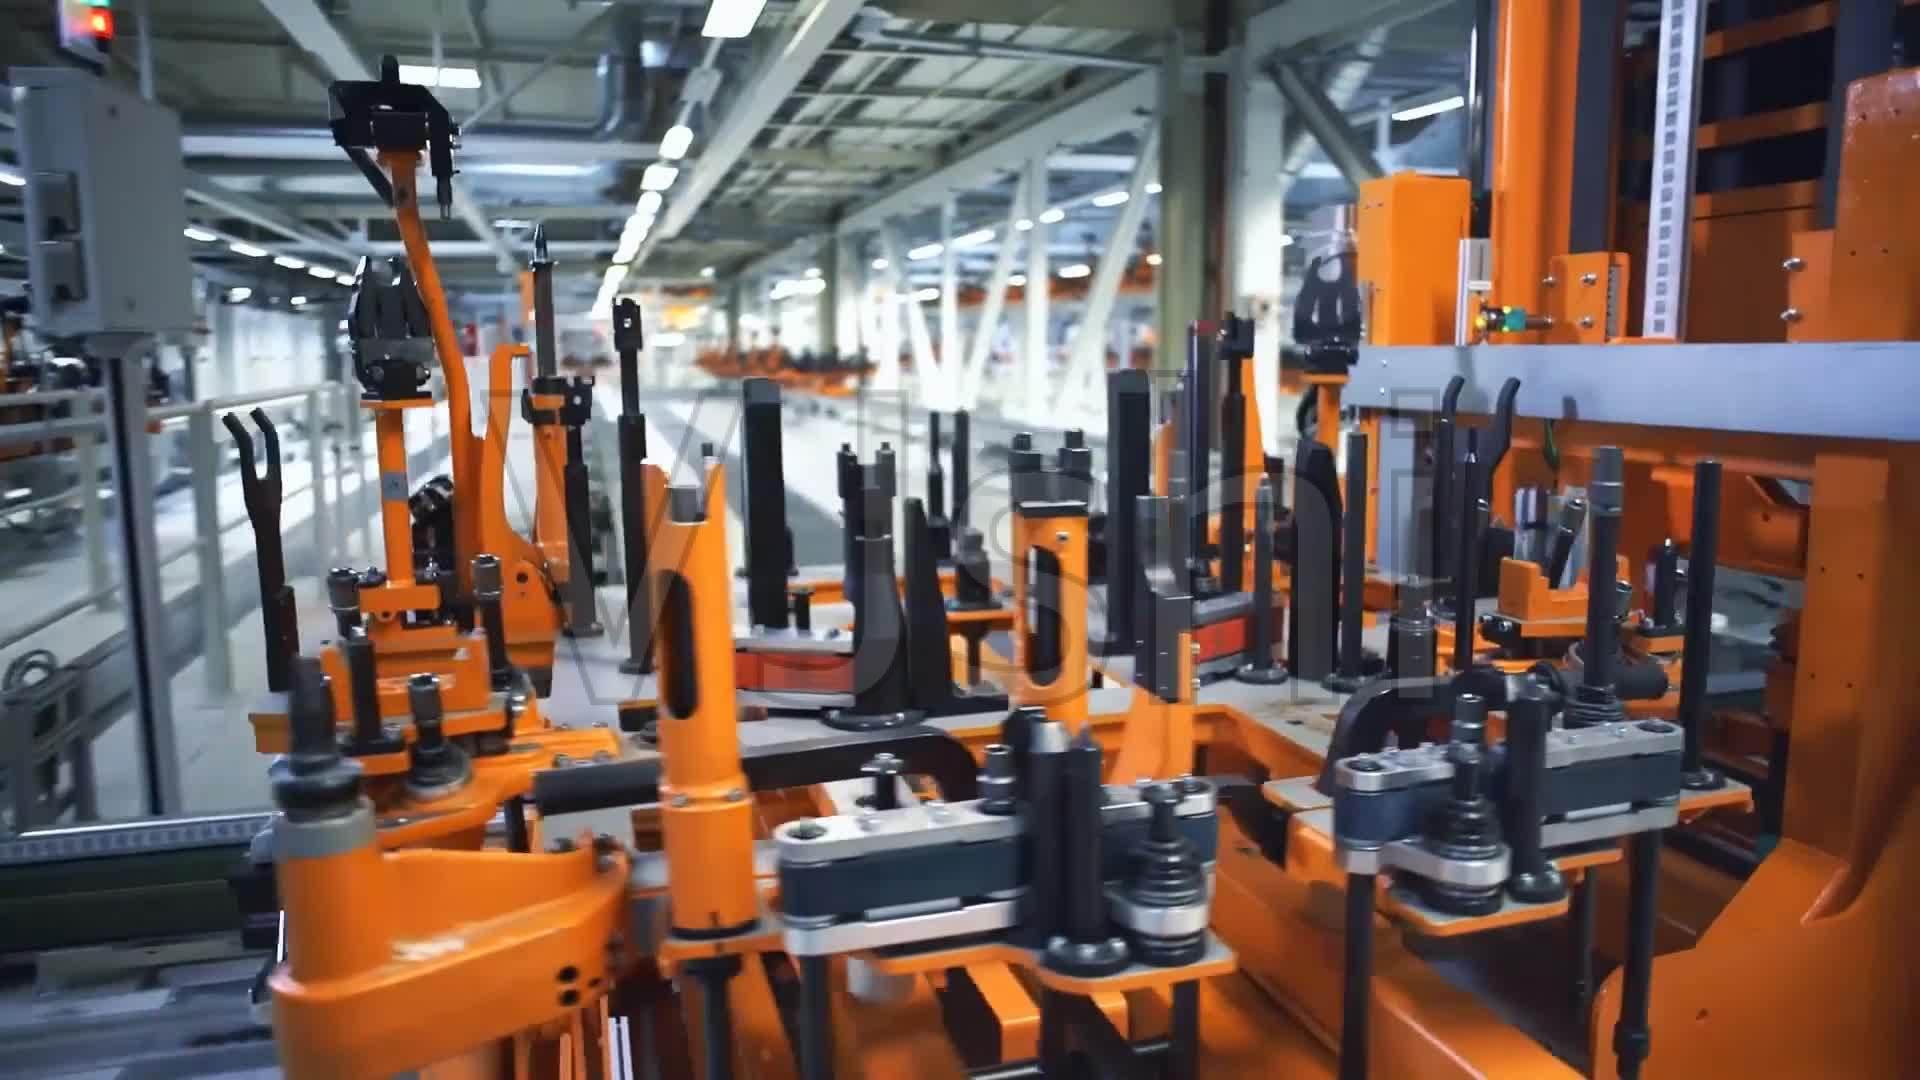 制造业生产保持复苏 经济企稳仍待提振内需